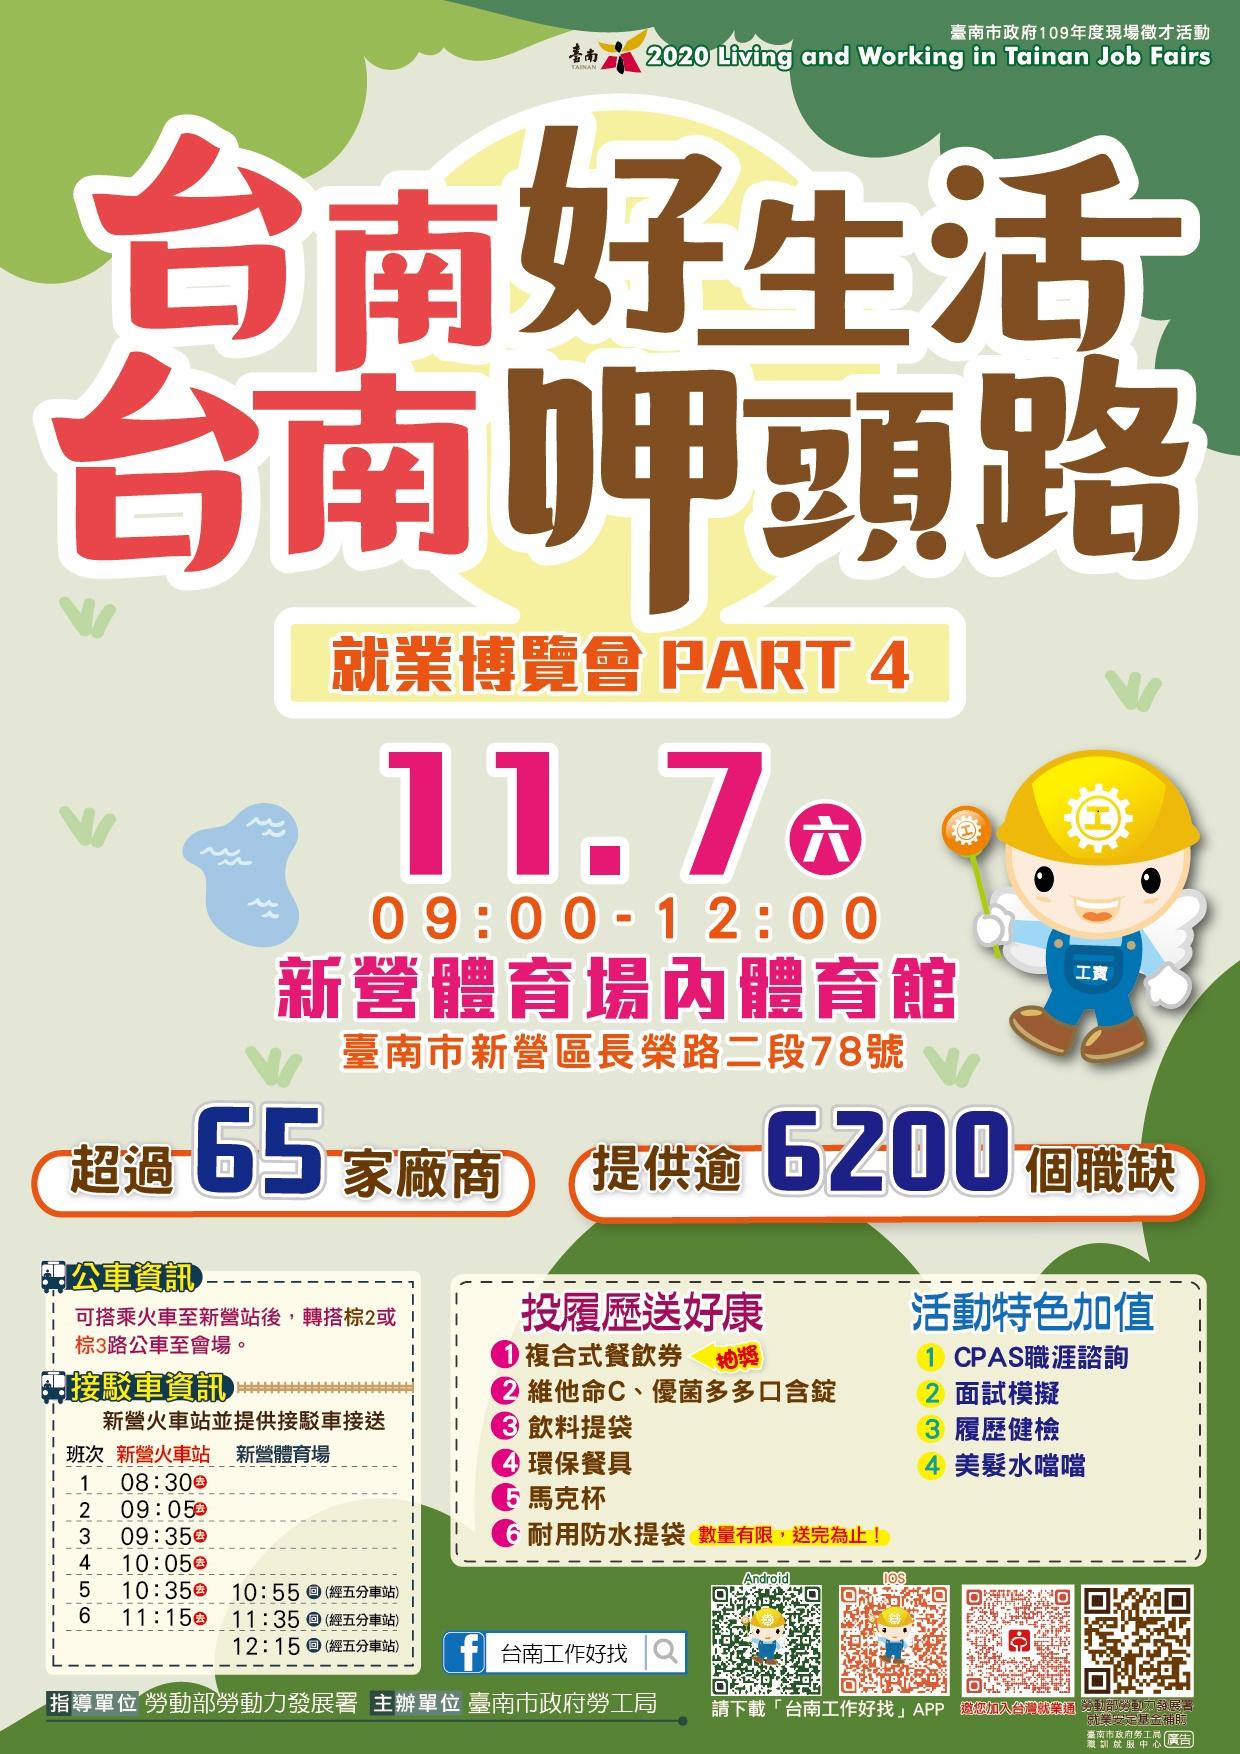 「台南好生活 台南呷頭路」Part4就業博覽會海報